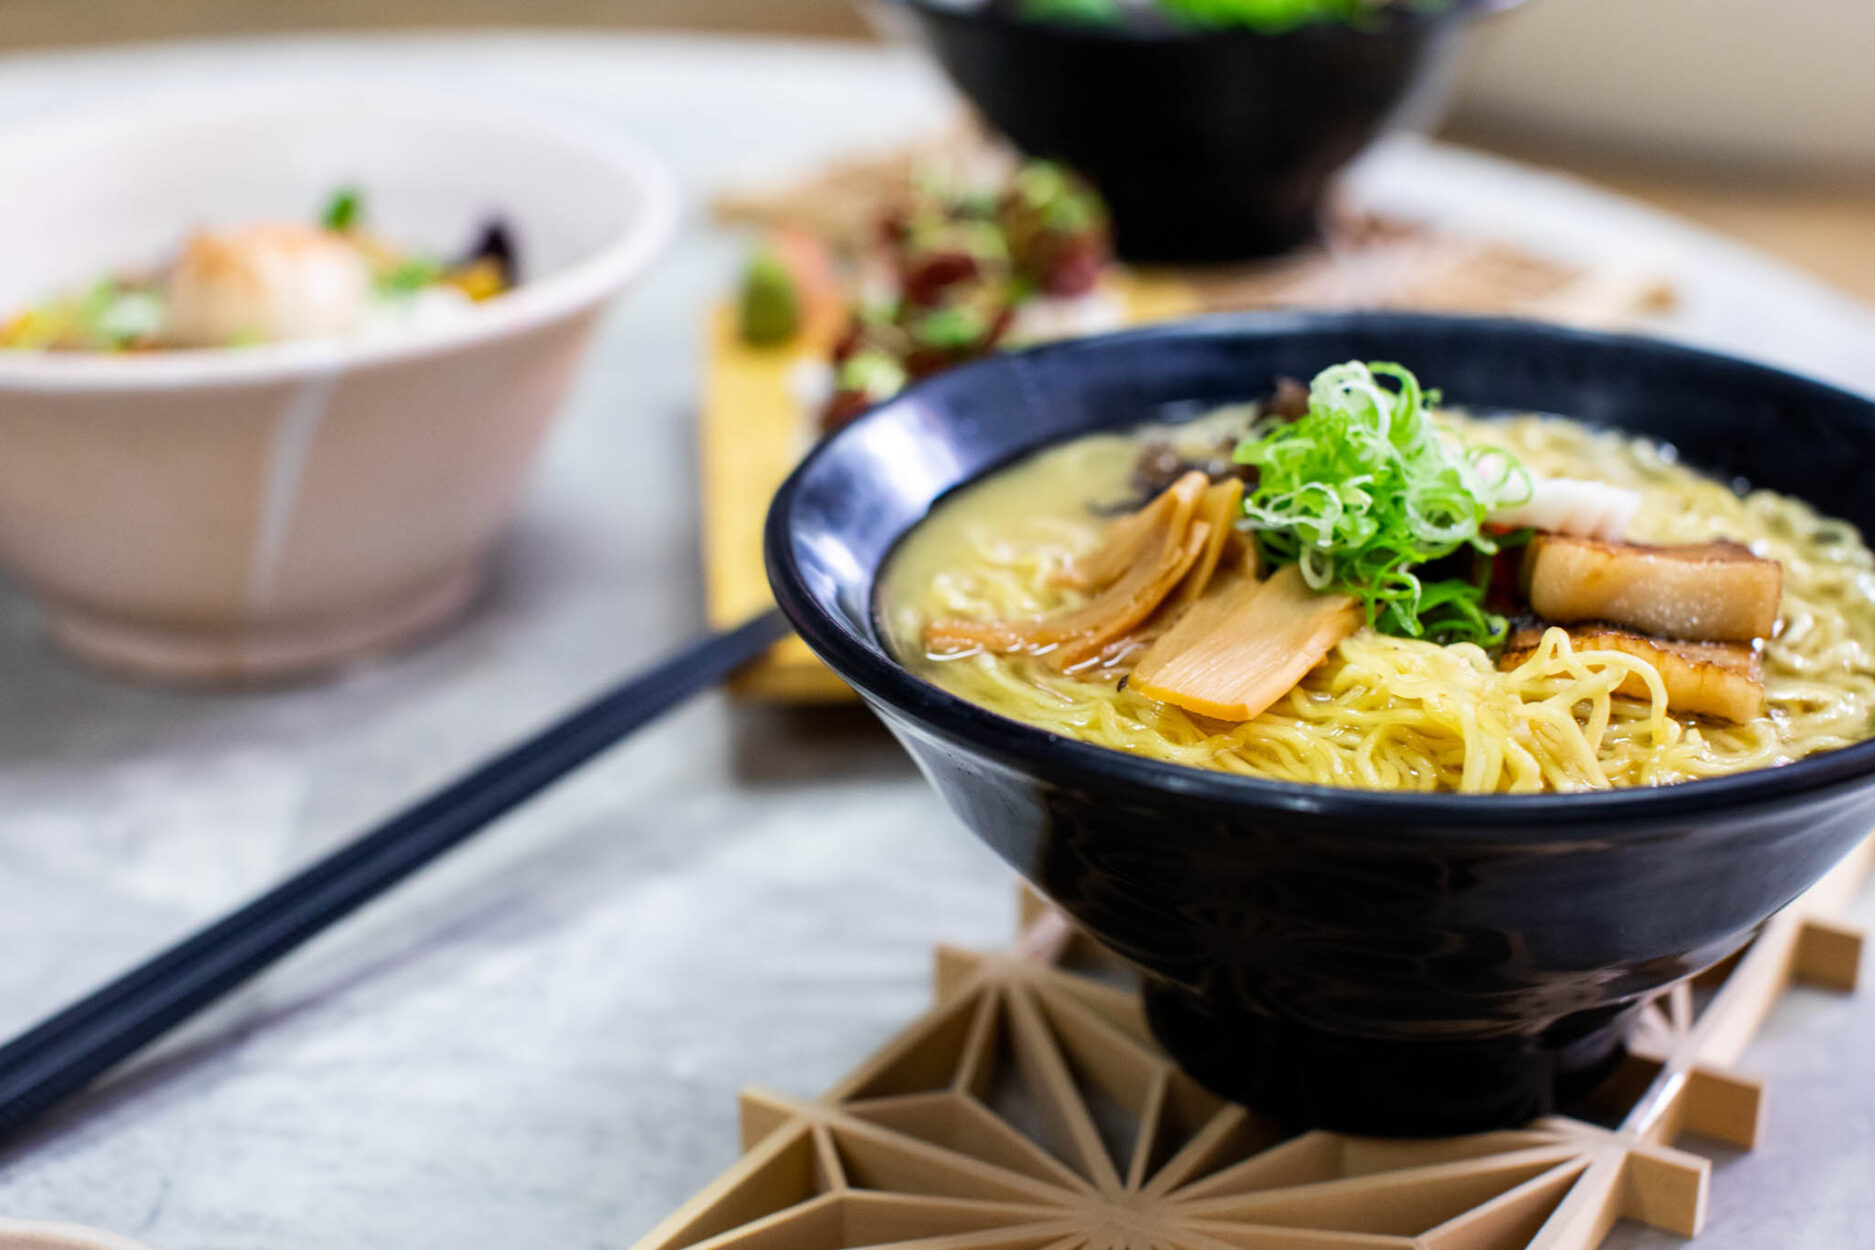 gastronomica-alimentos-nicoletalupuagency (70 of 84)